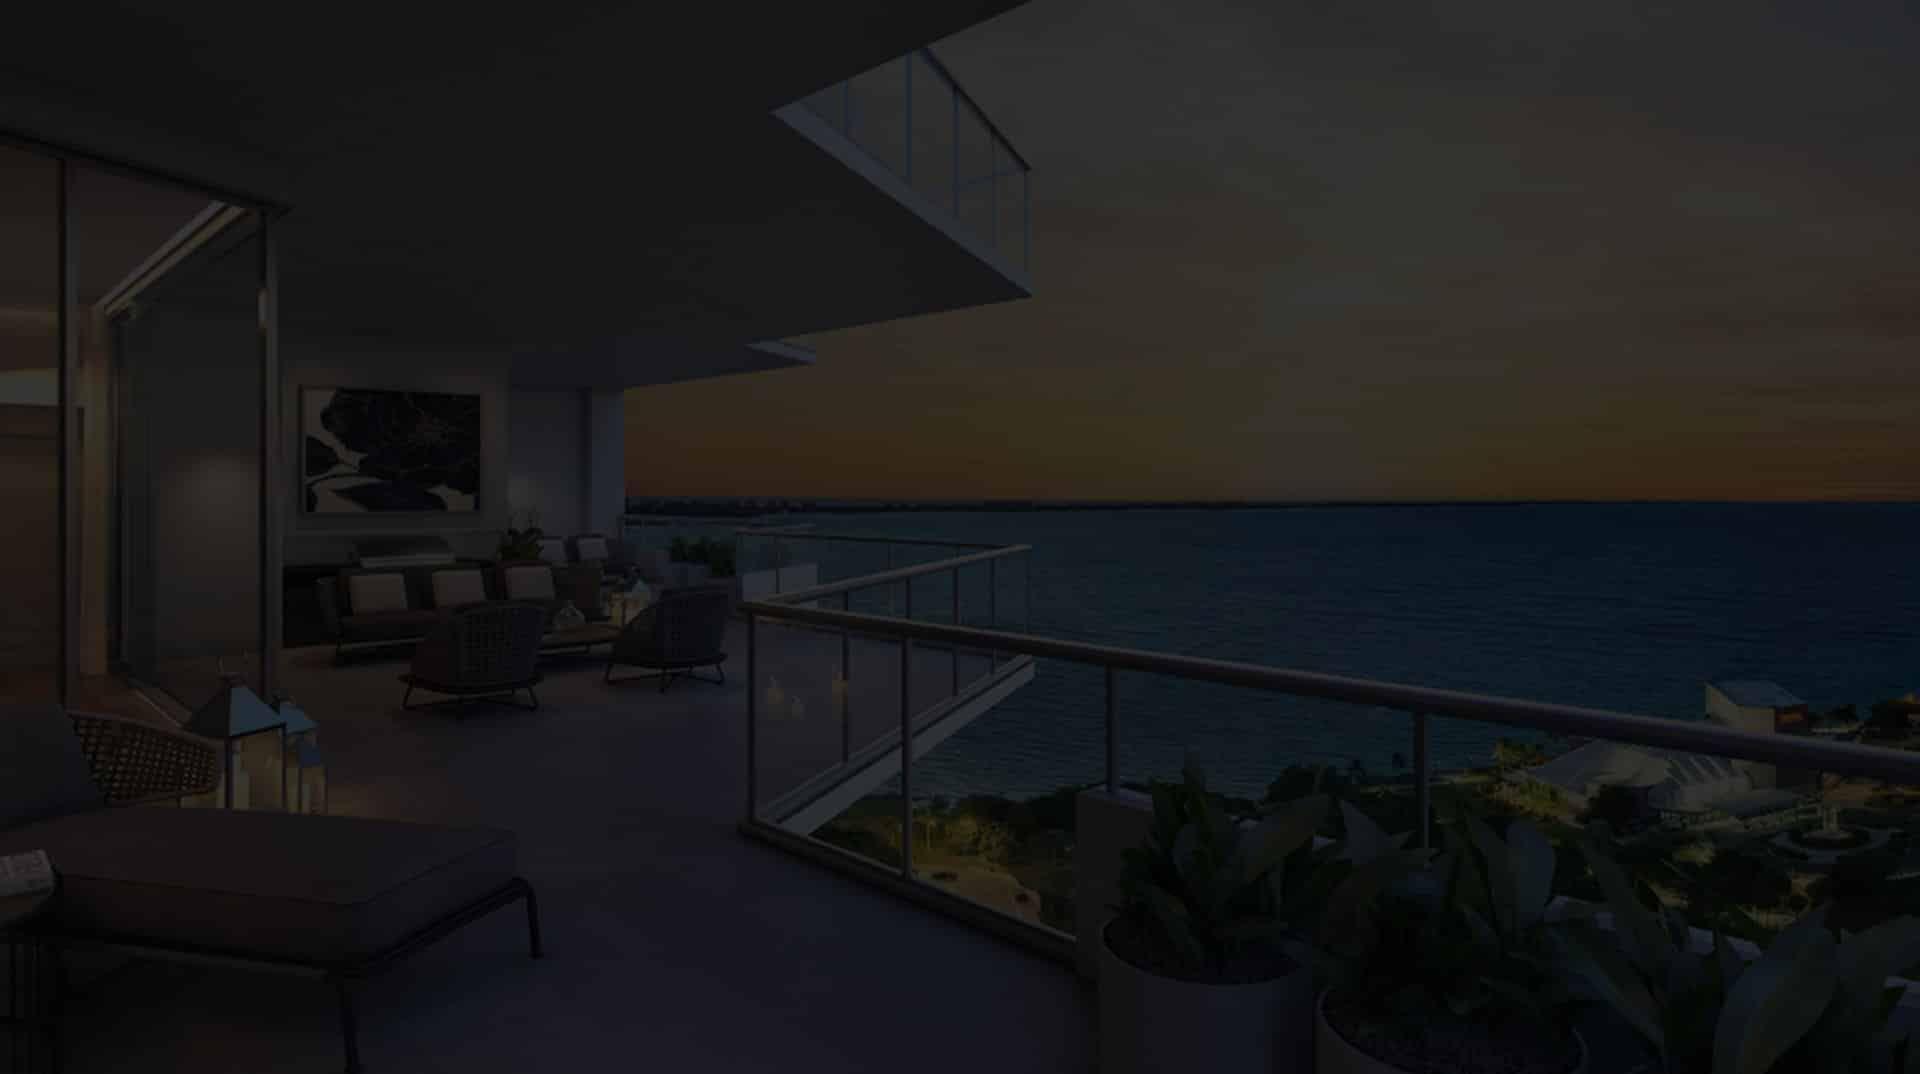 miramar beach fl condotel, miramar beach fl condotel mortgage, miramar beach fl condotel mortgage rates, miramar beach fl condotel mortgage broker, miramar beach fl condotel mortgage lender,  mortgage broker near me,